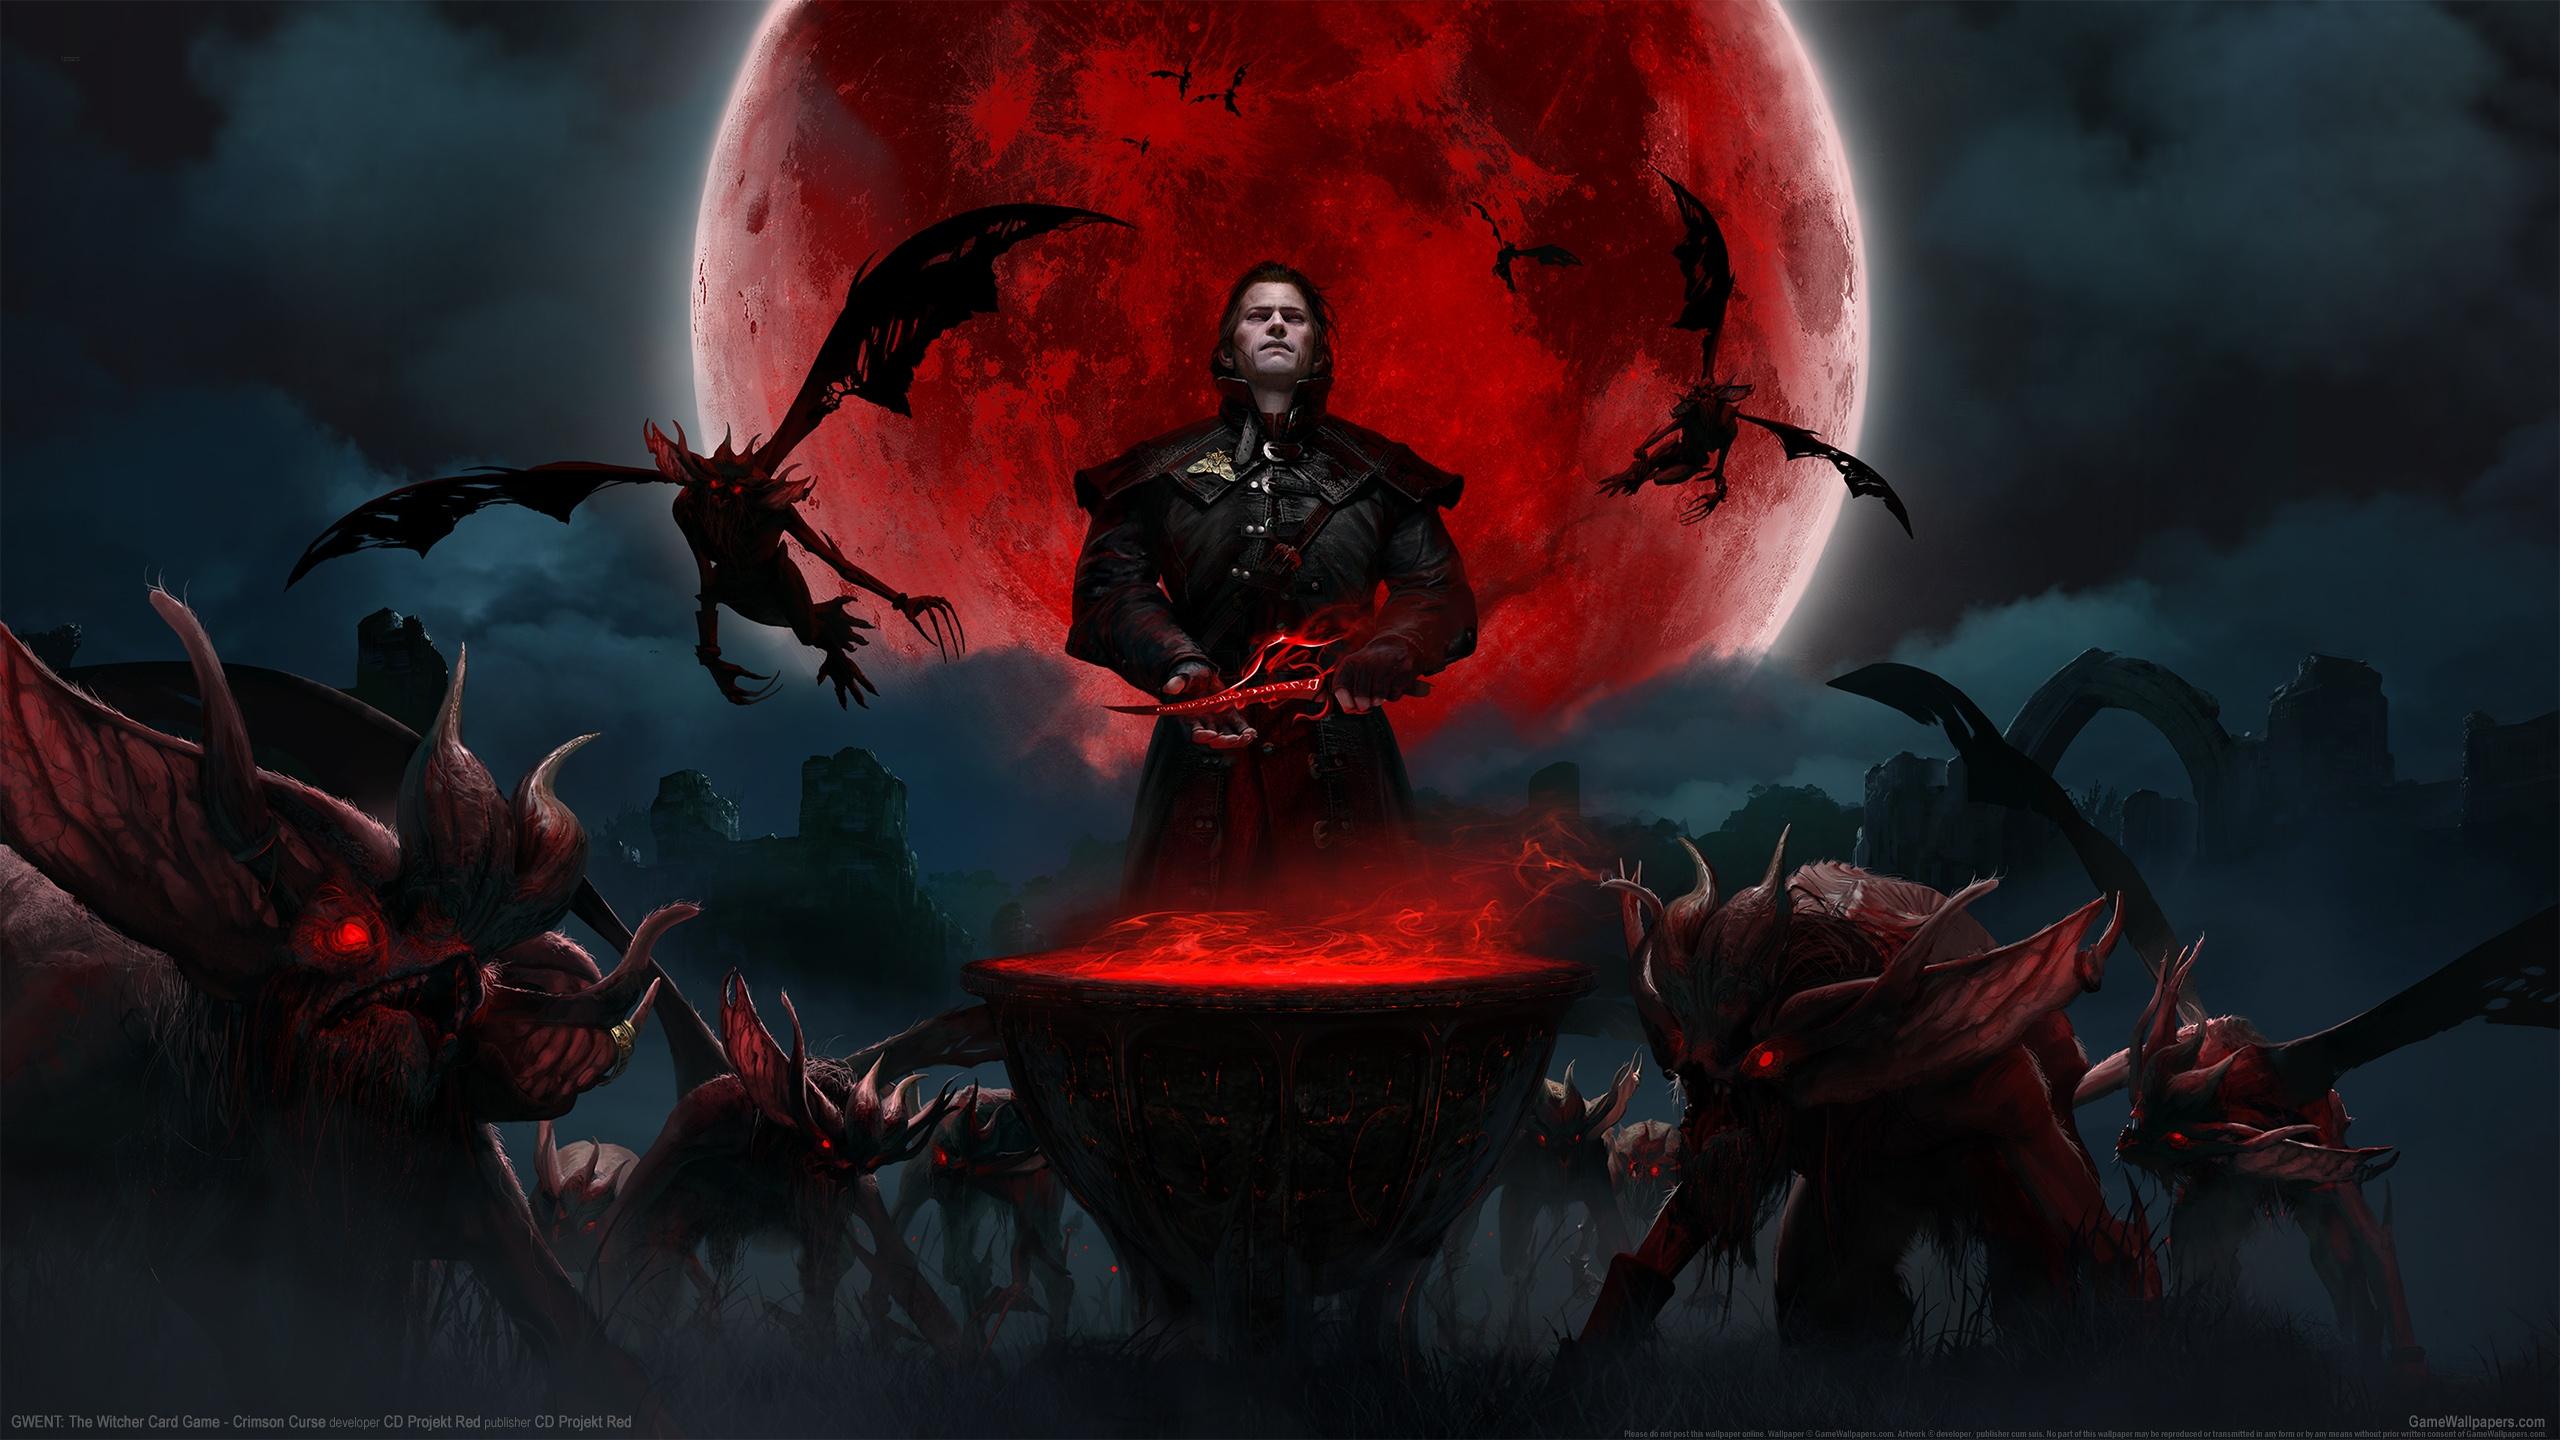 GWENT: The Witcher Card Game - Crimson Curse 2560x1440 Hintergrundbild 01